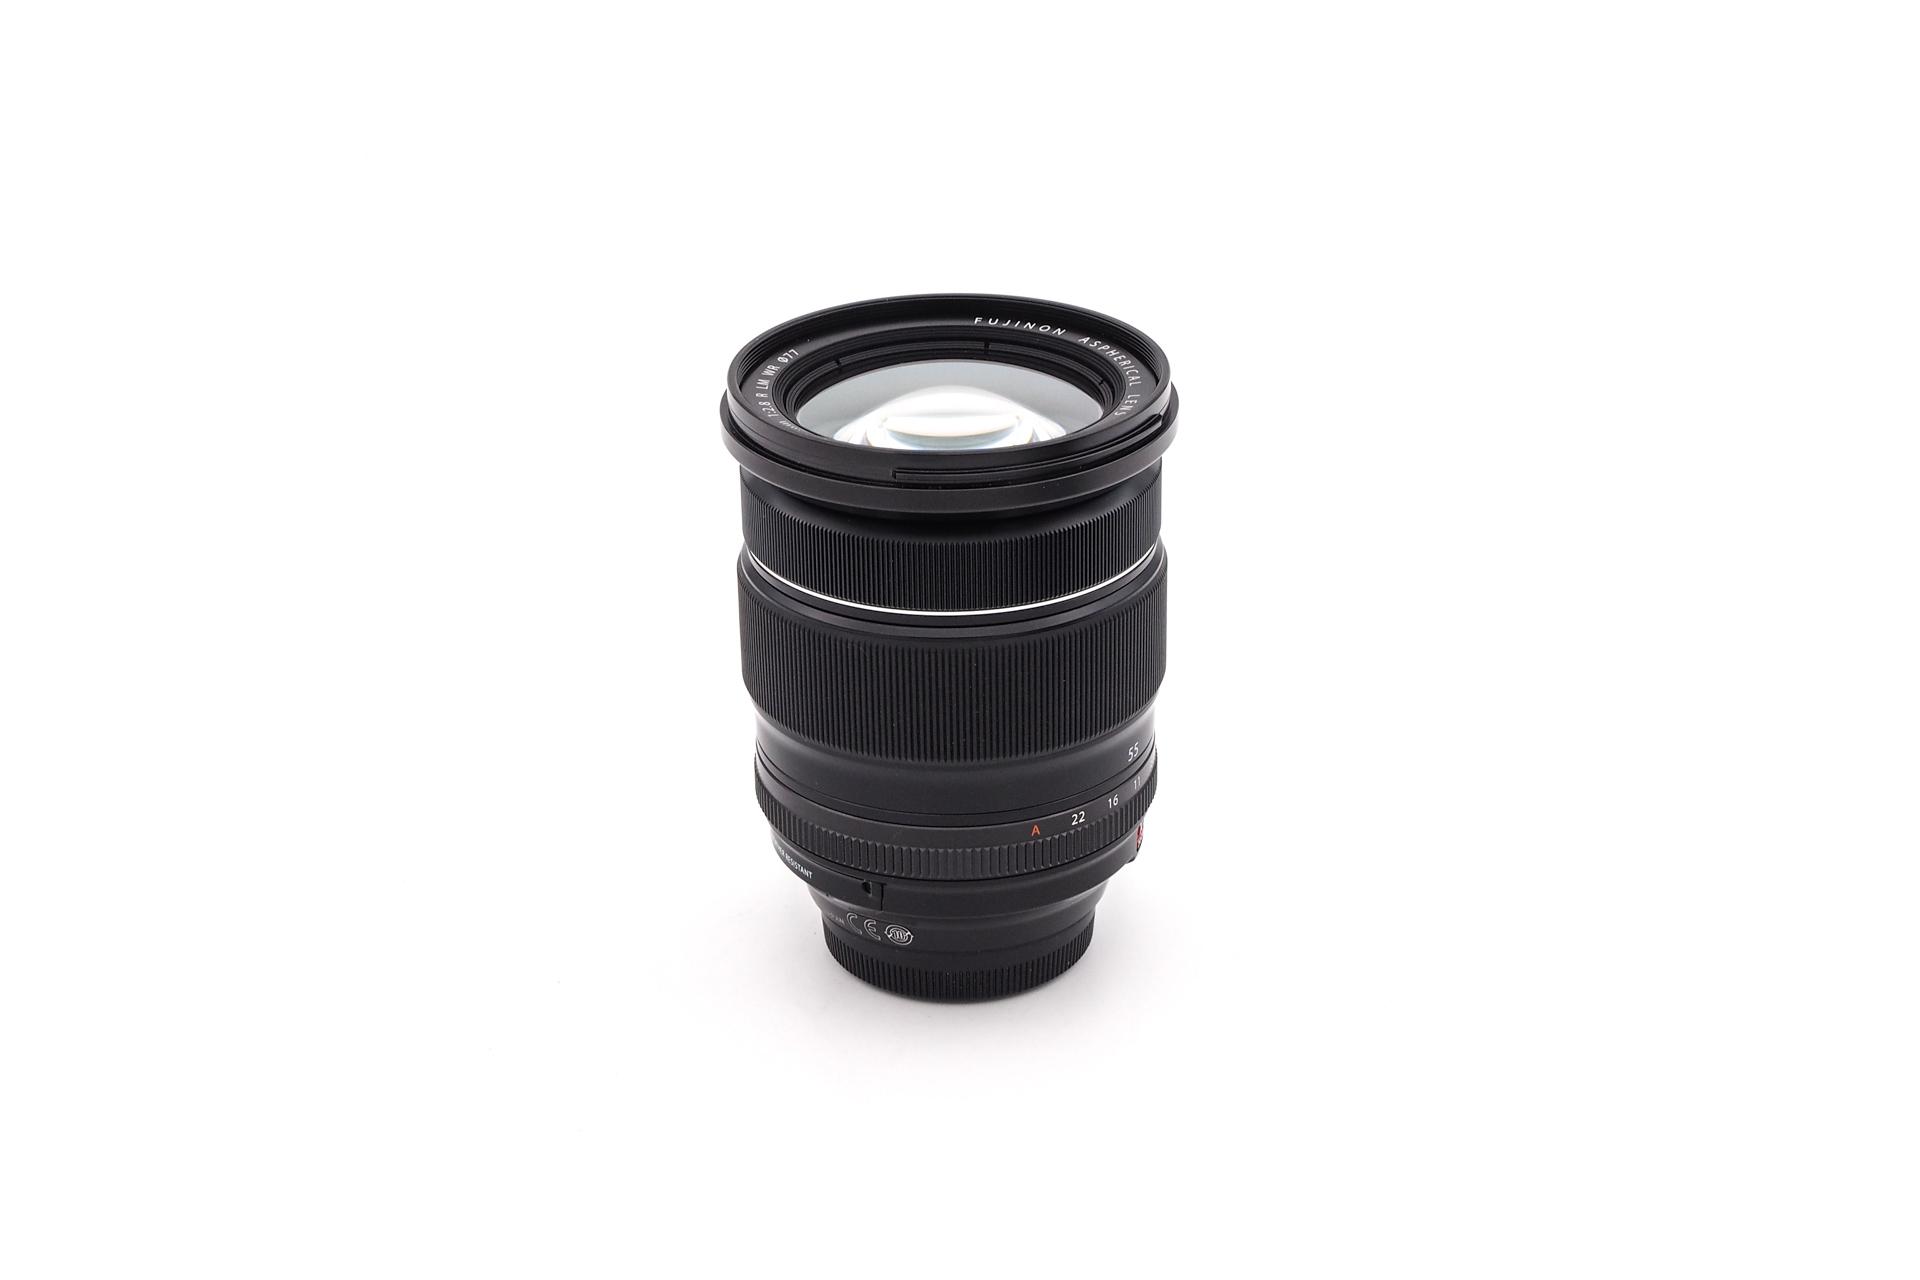 Fujifilm XF 16-55 F/2.8